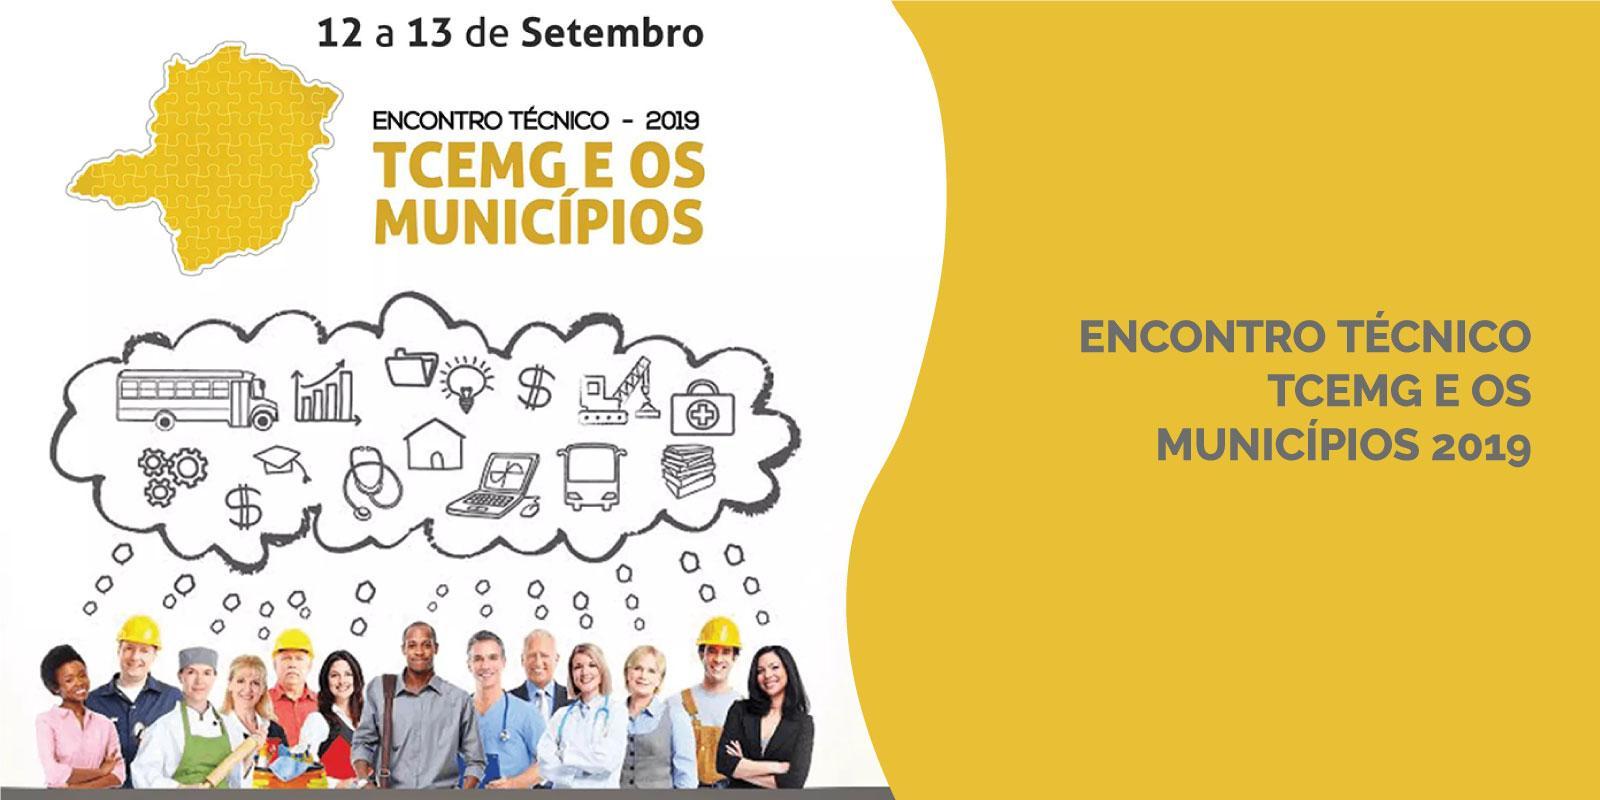 Encontro Técnico TCEMG e os Municípios 2019: O fortalecimento das receitas e o aprimoramento da gestão municipal